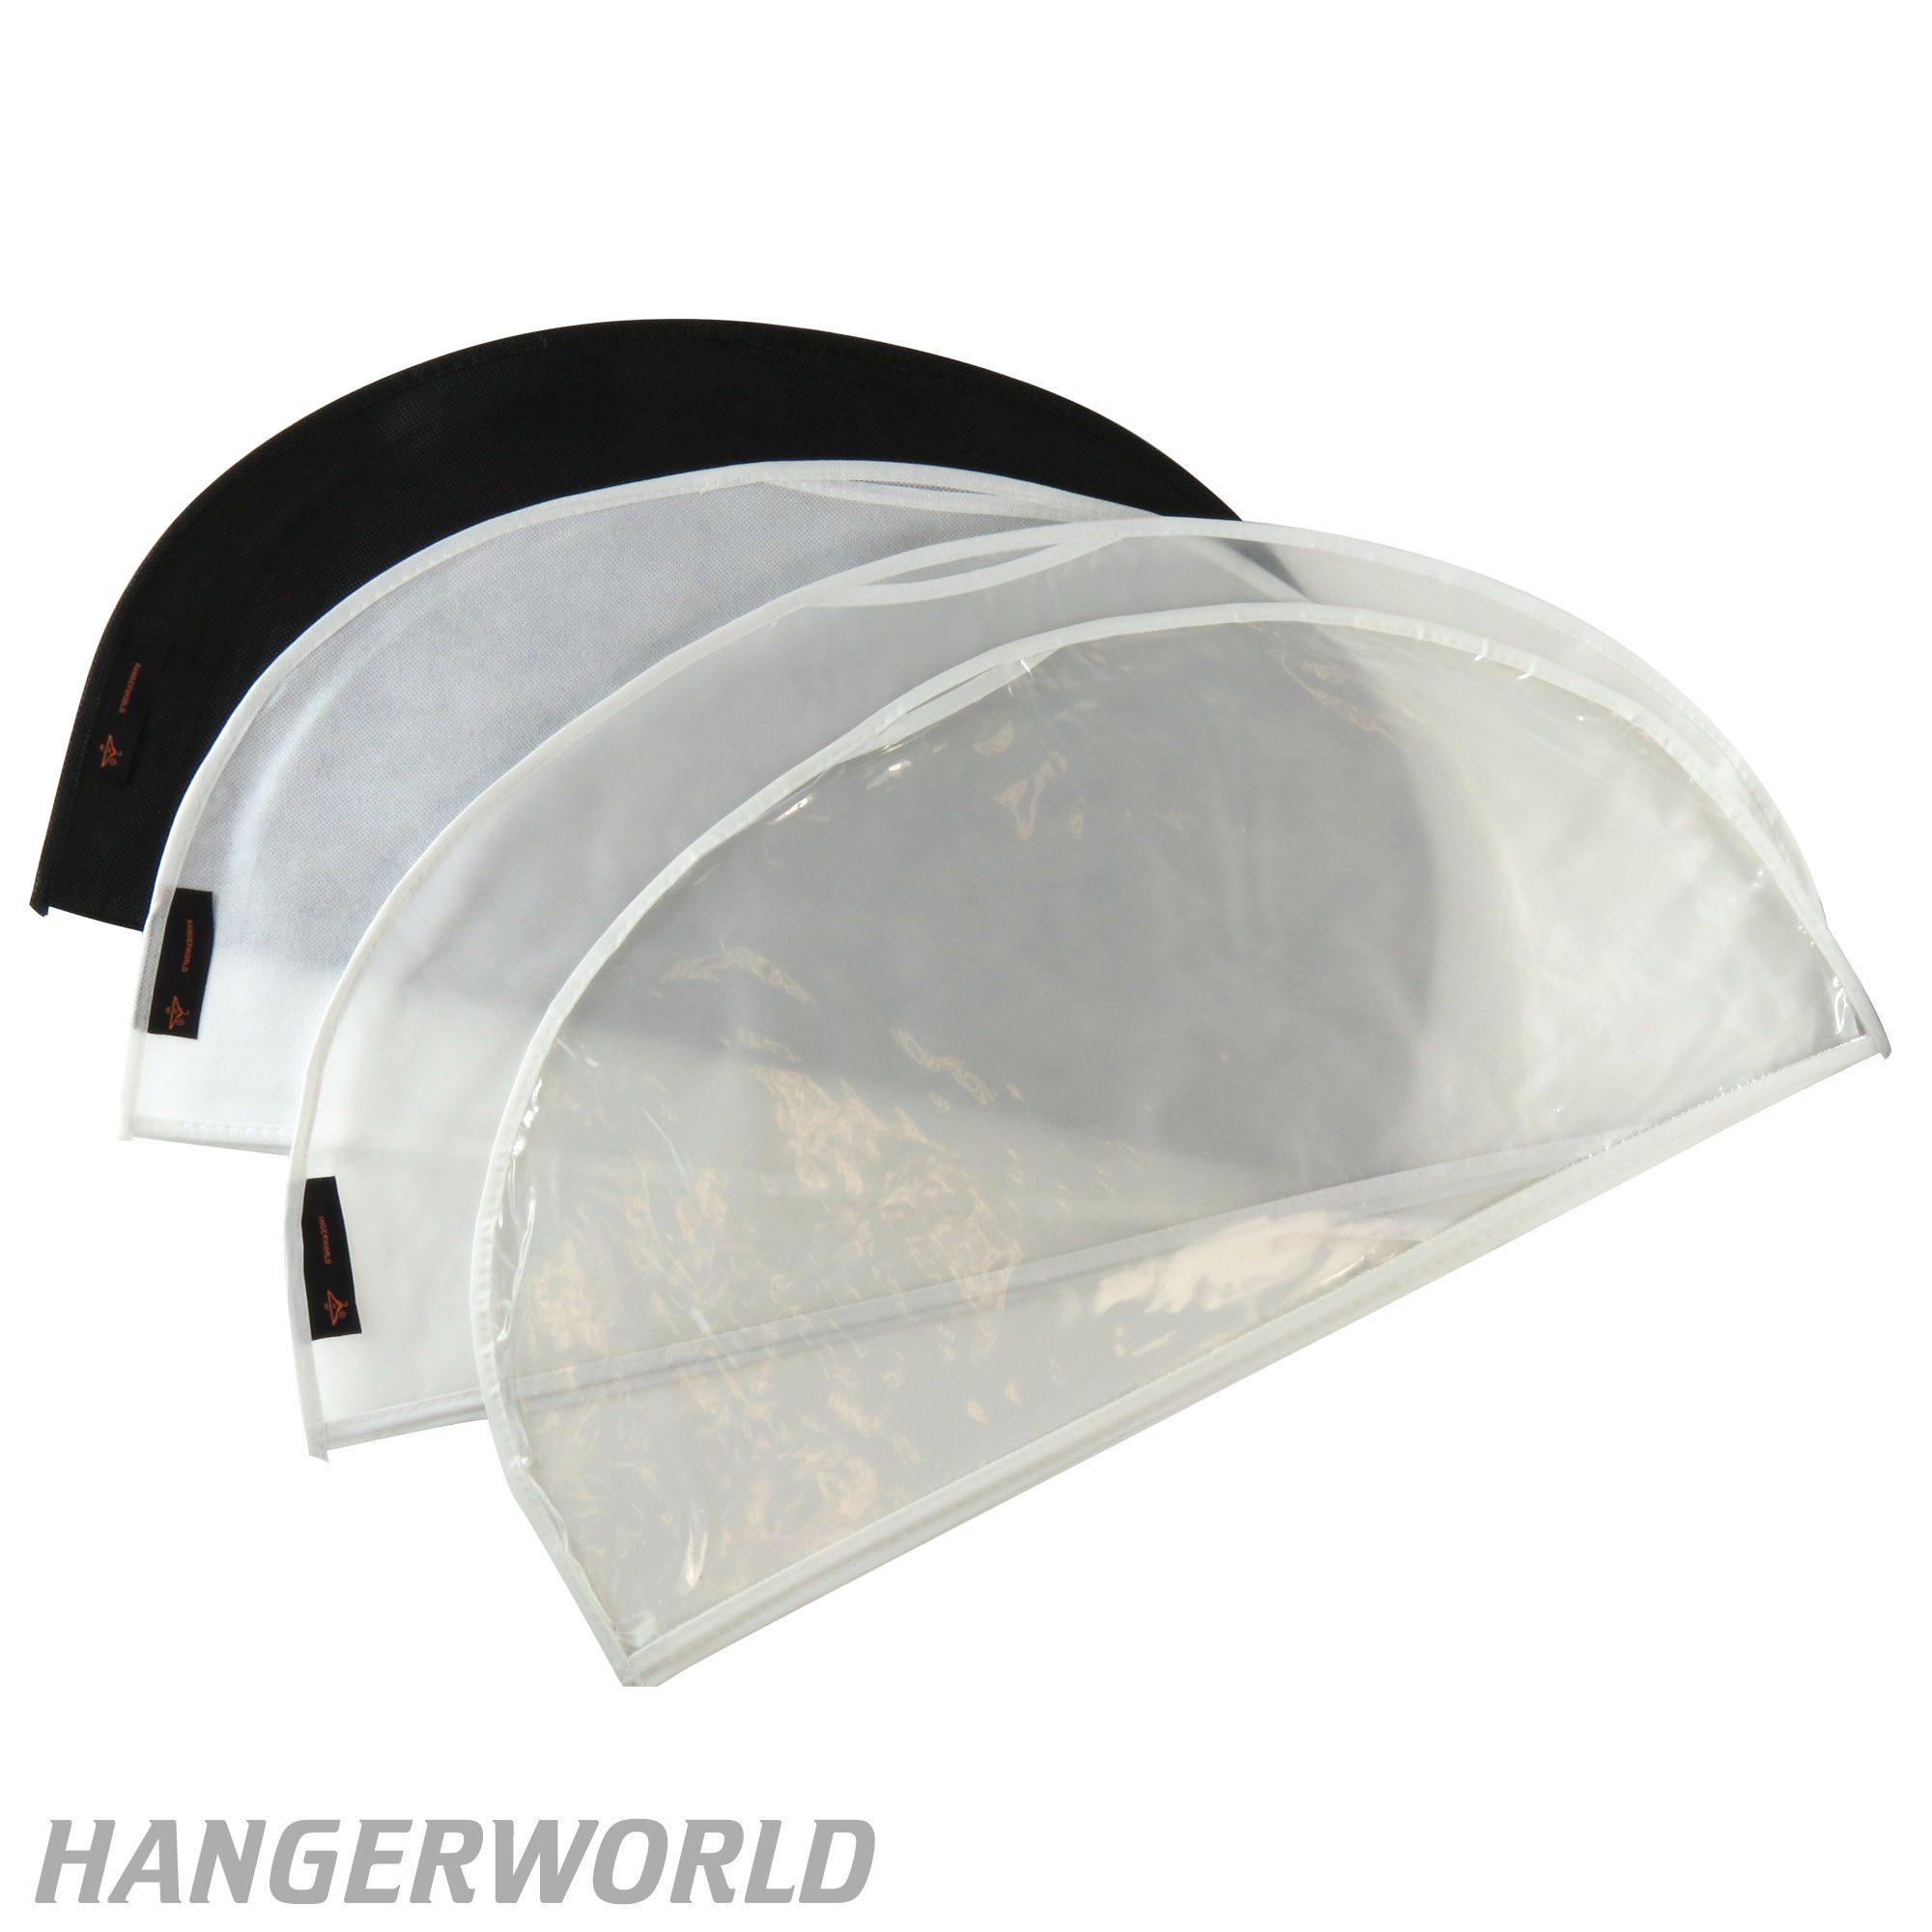 Hangerworld 50 St/ück Folien Kleider-Schutzh/üllen perforiert Transparent 137cm